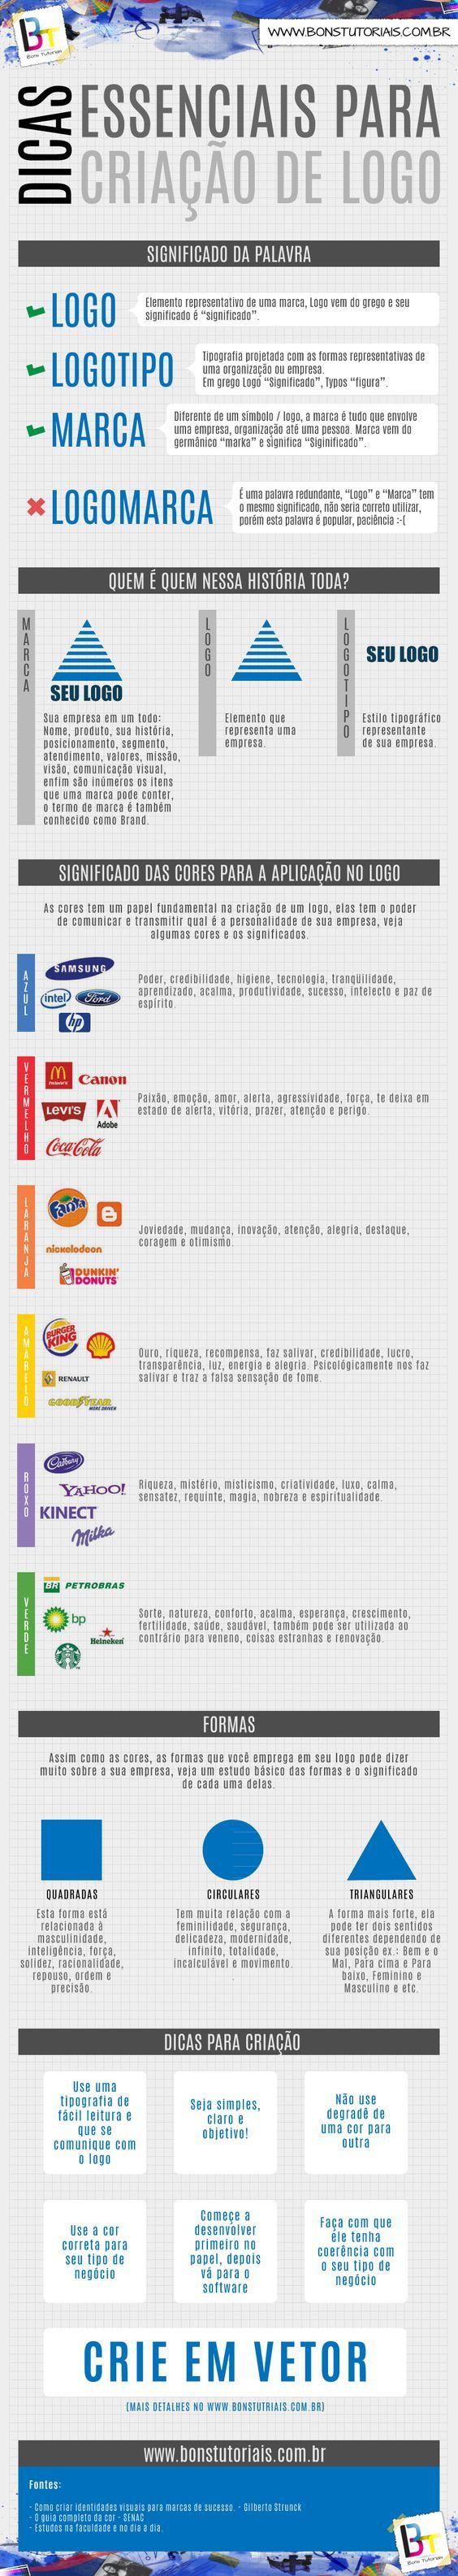 Infográfico de criação de logotipo, aprenda o essencial: